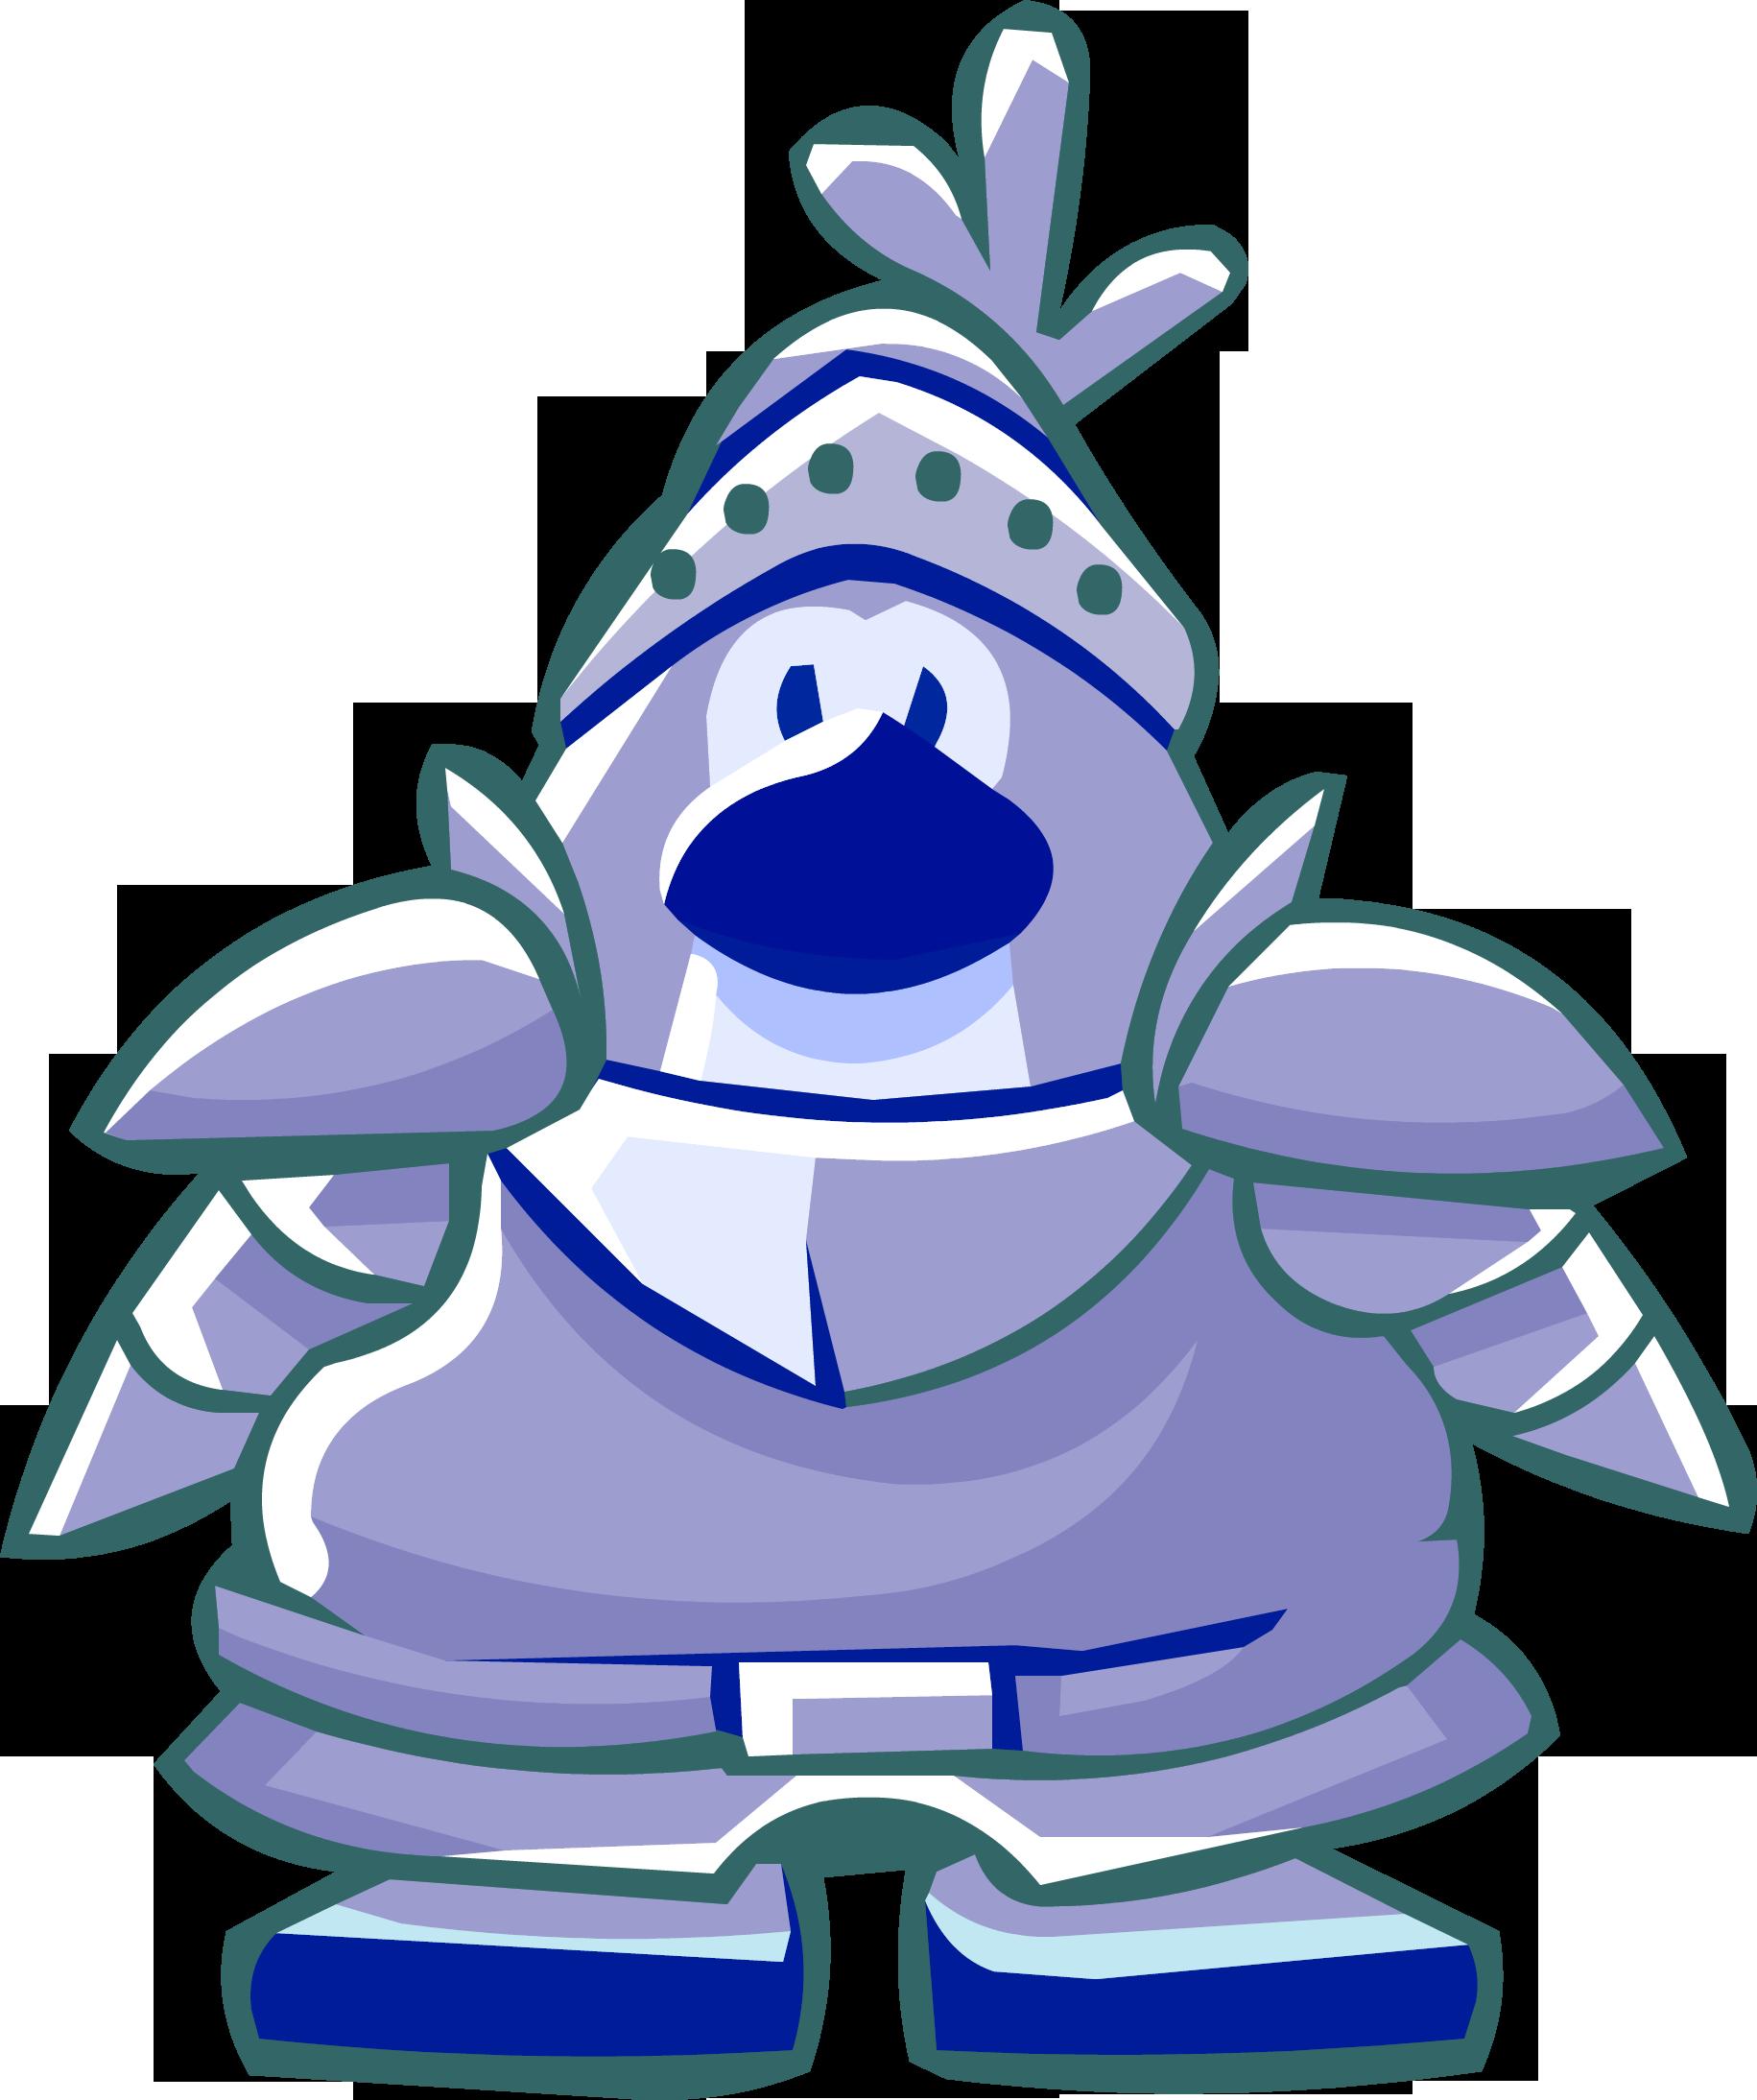 Ice Sculpture Knight.